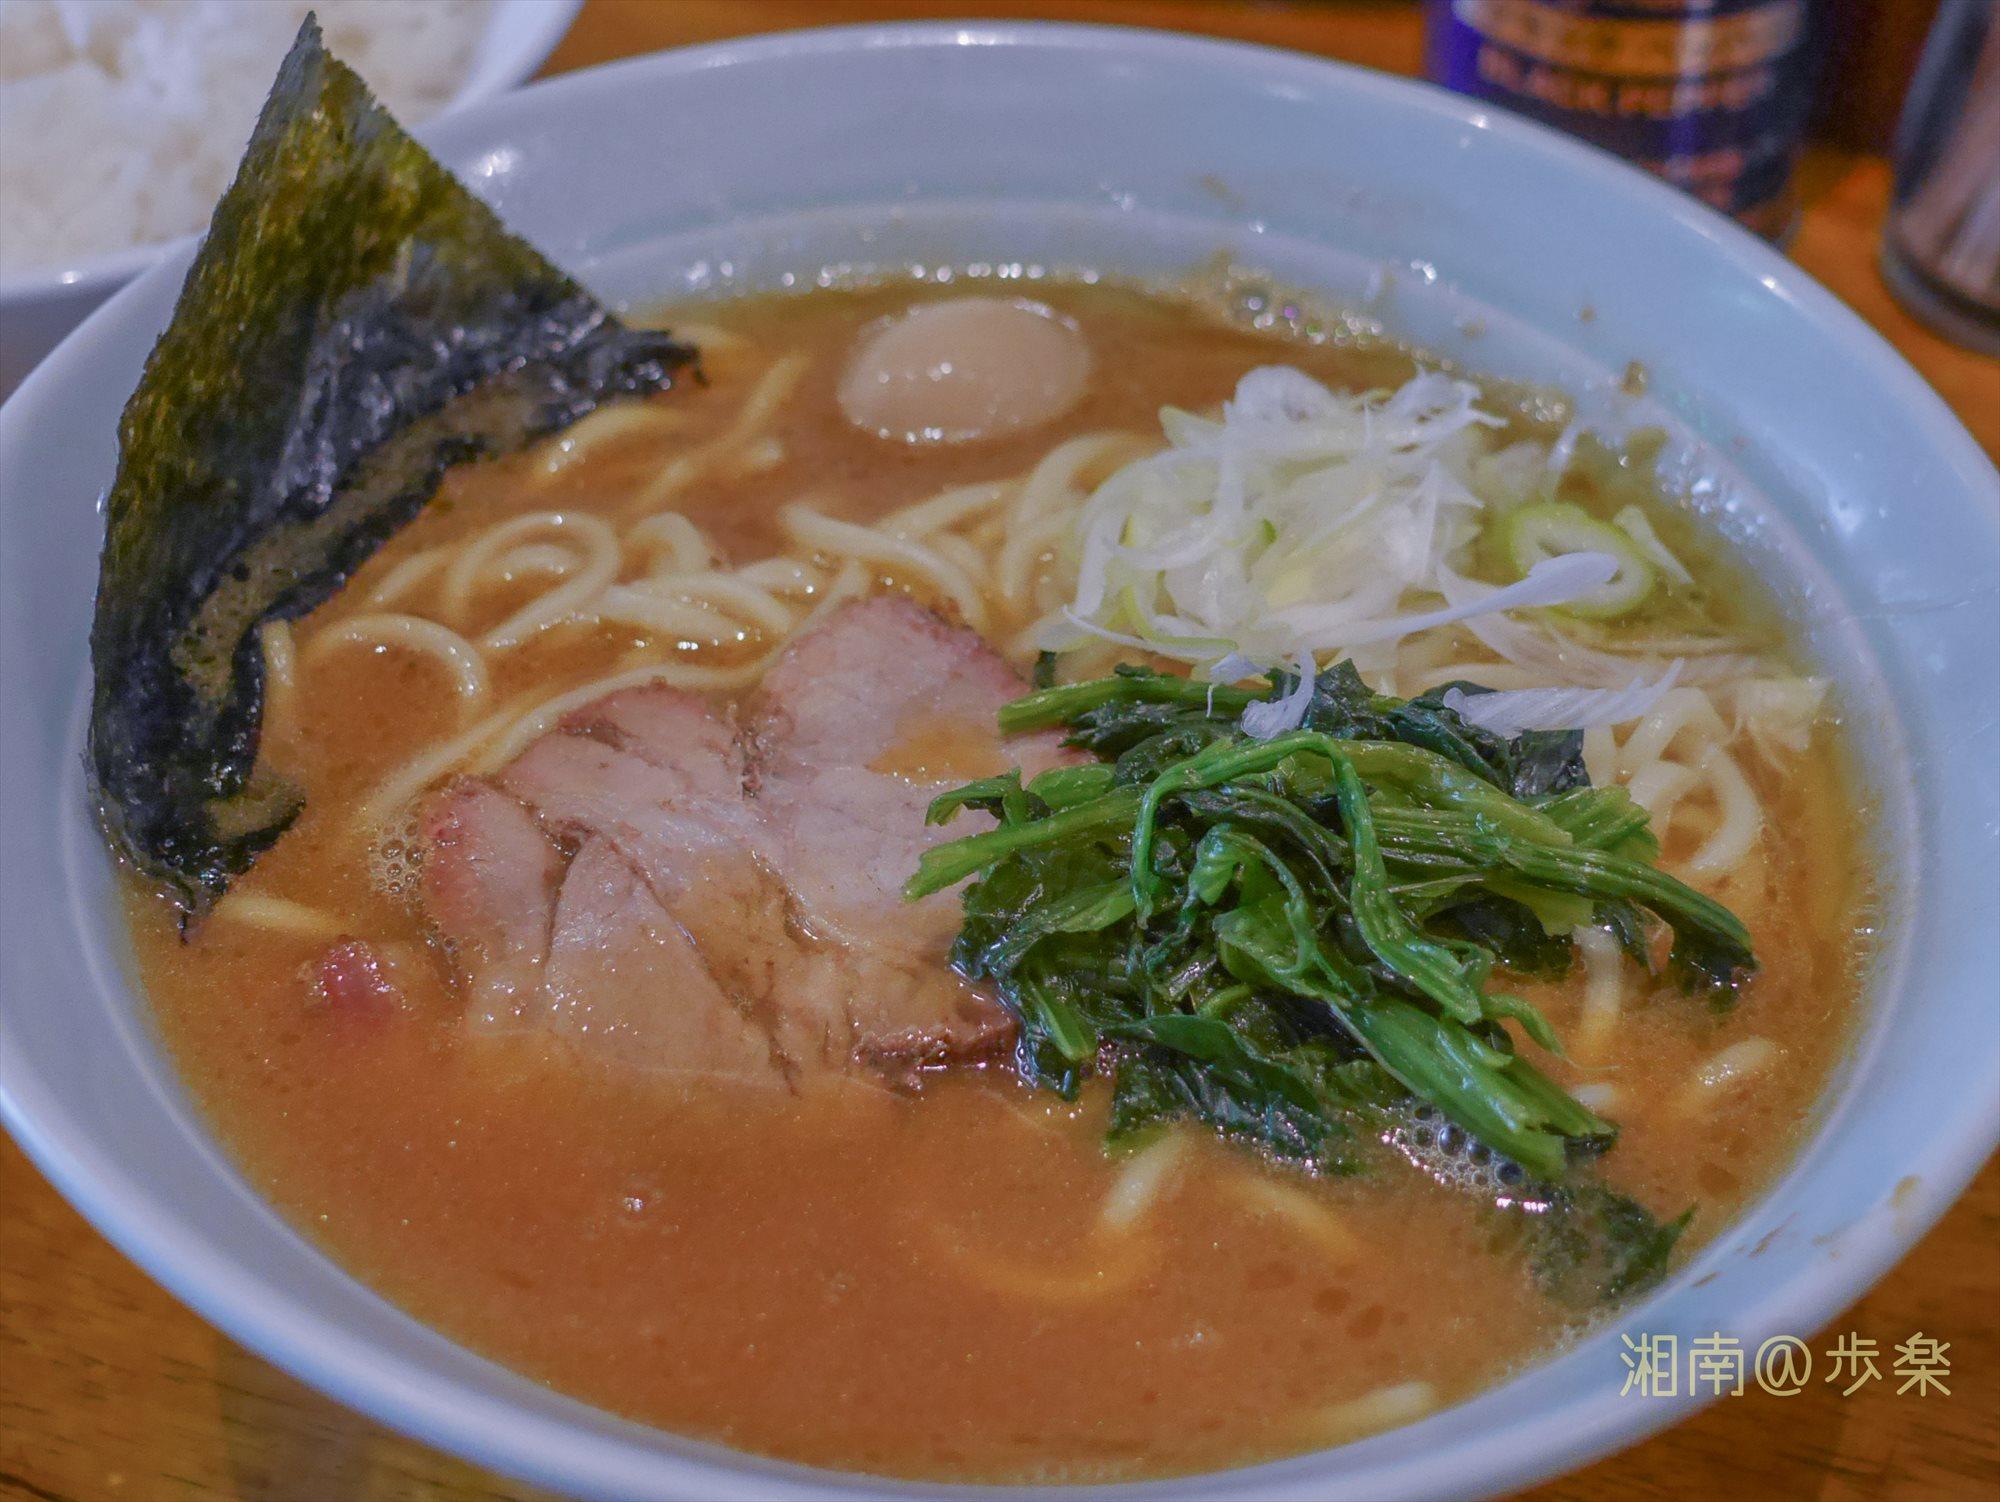 濃厚なスープに甘味と魚介風味が混在する独特のテイスト